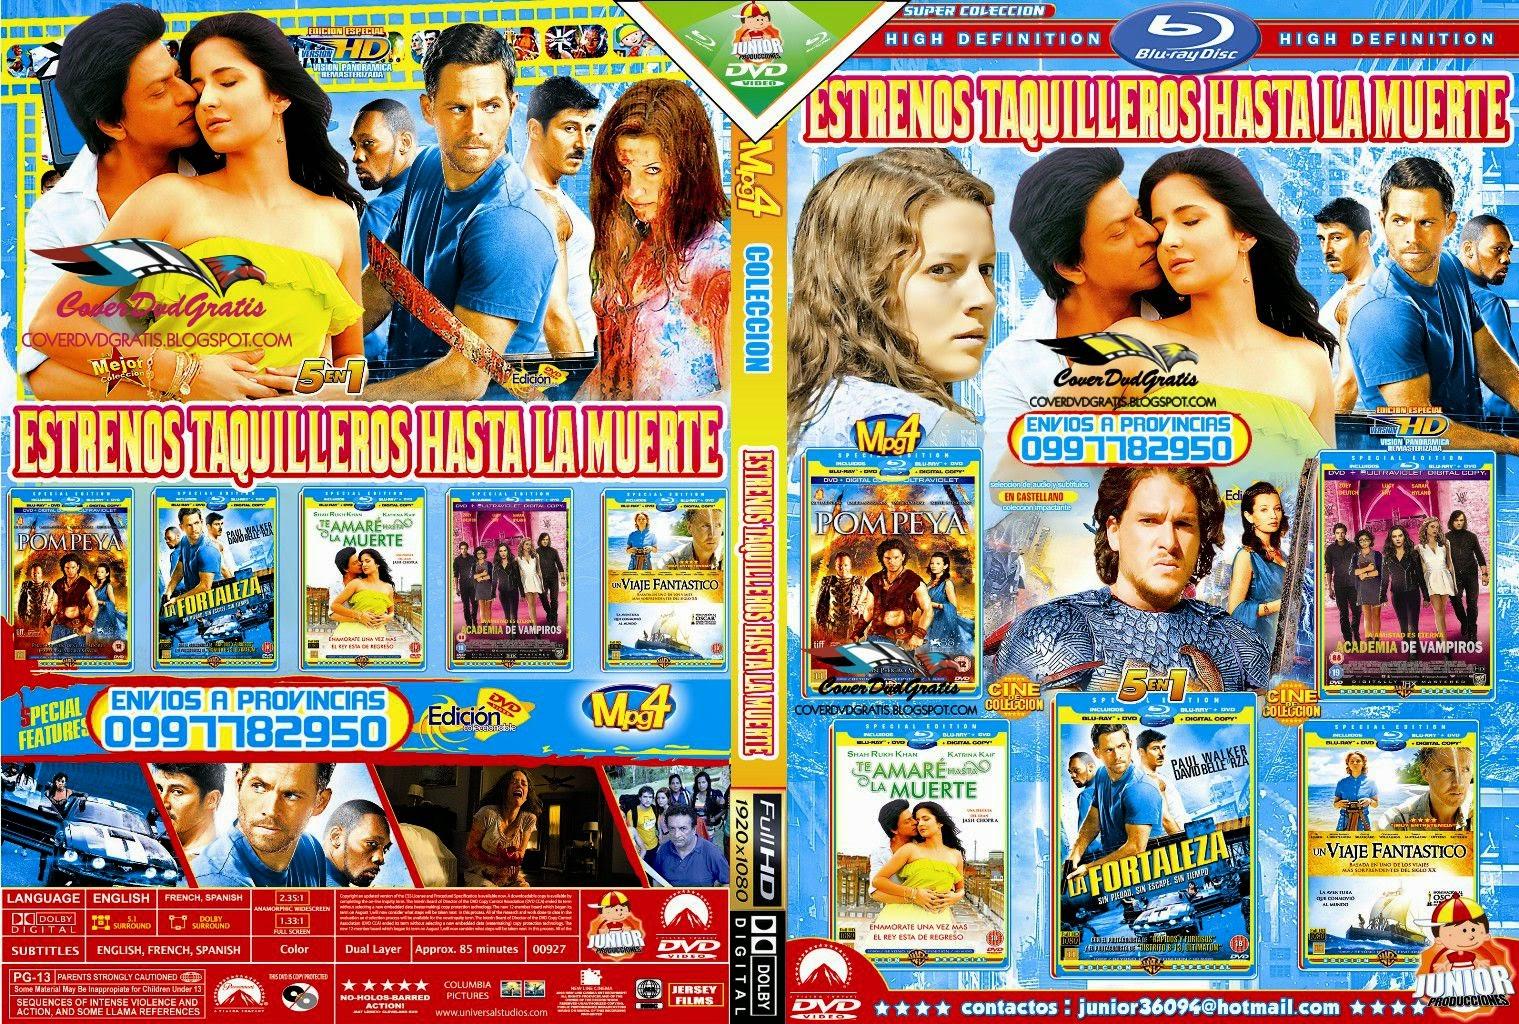 estrenos taquilleros hasta la muerte dvd cover pack  💲🥇